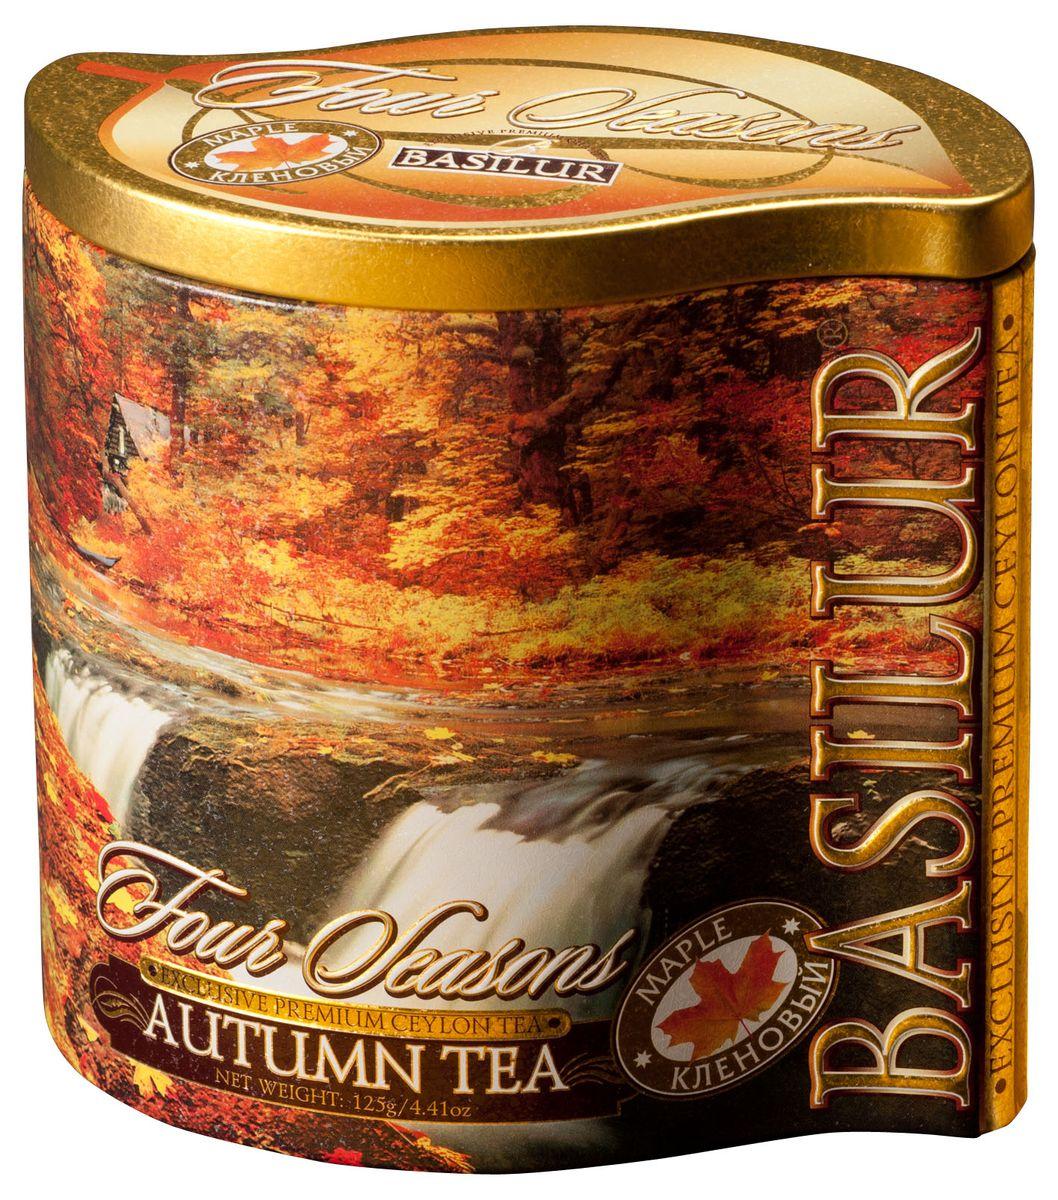 Basilur Autumn Tea черный листовой чай, с кленовым сиропом, 125 г (жестяная банка)70207-00Basilur Autumn Tea - черный байховый листовой чай с лепестками сафлора и ароматом кленового сиропа. Прежде, чем природа укроется зимним снегом, наступает прекрасная осенняя пора, когда всё сверкает и переливается восхитительными красками. Великолепный вкус цейлонского чая Basilur с ароматом кленового сиропа и лепестками сафлора подарит вам яркое, как листок клёна, впечатление праздника.